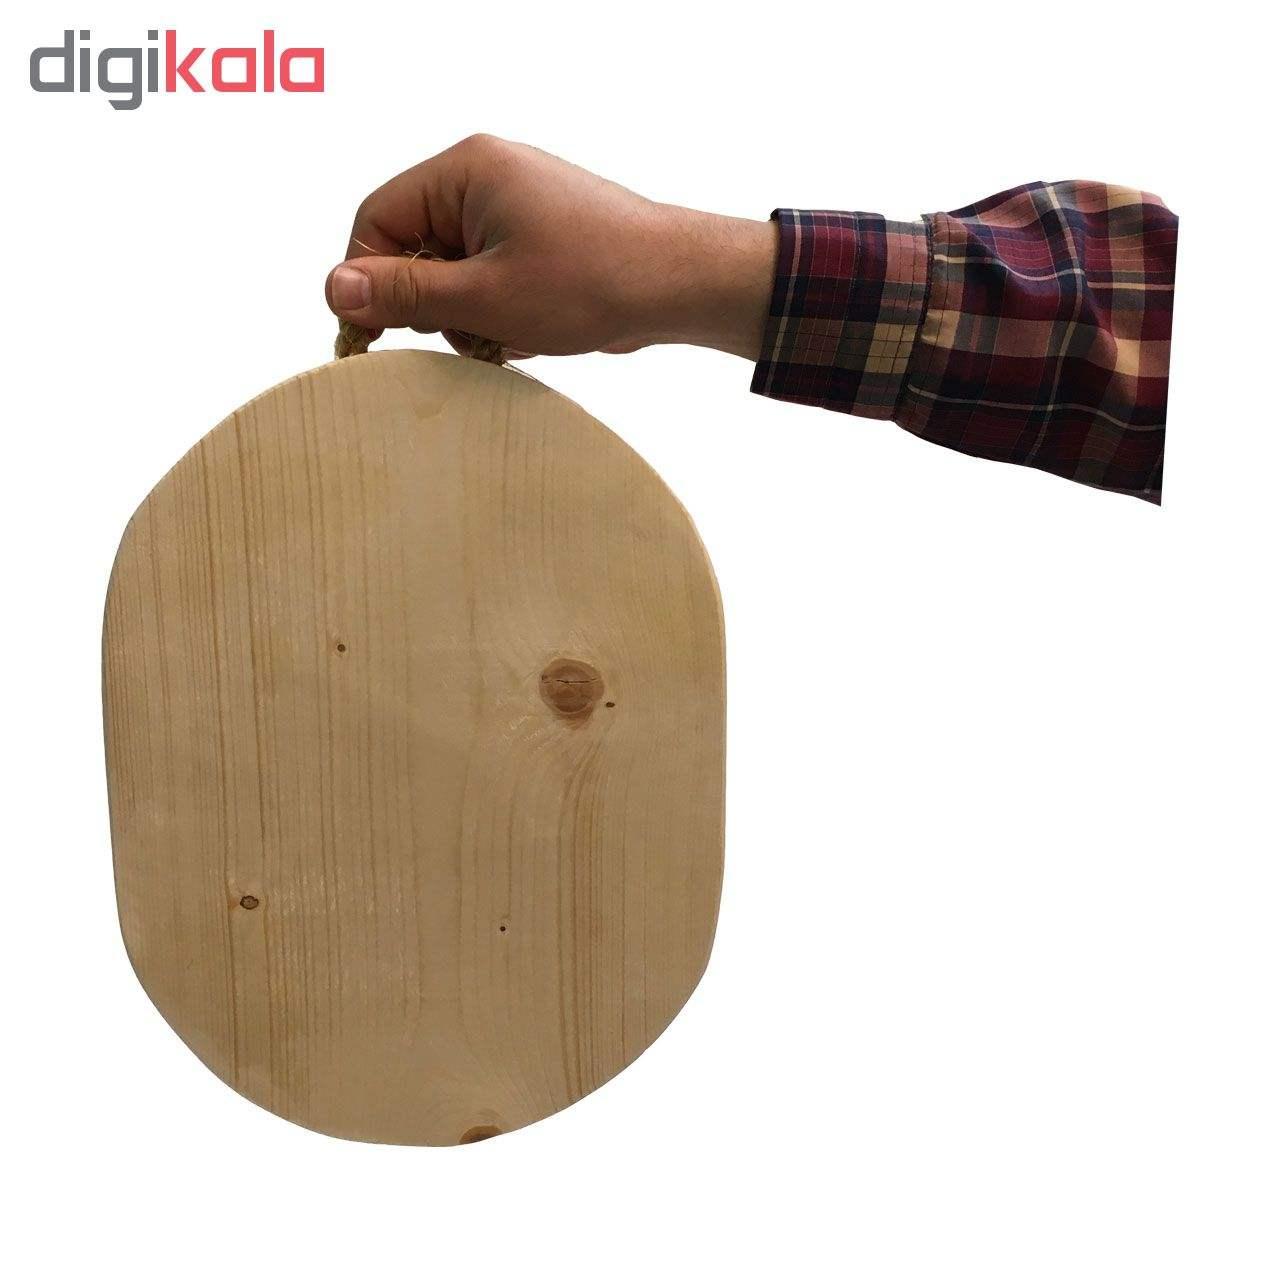 تخته برش و تخته گوشت چوبی مدل دلسا main 1 2